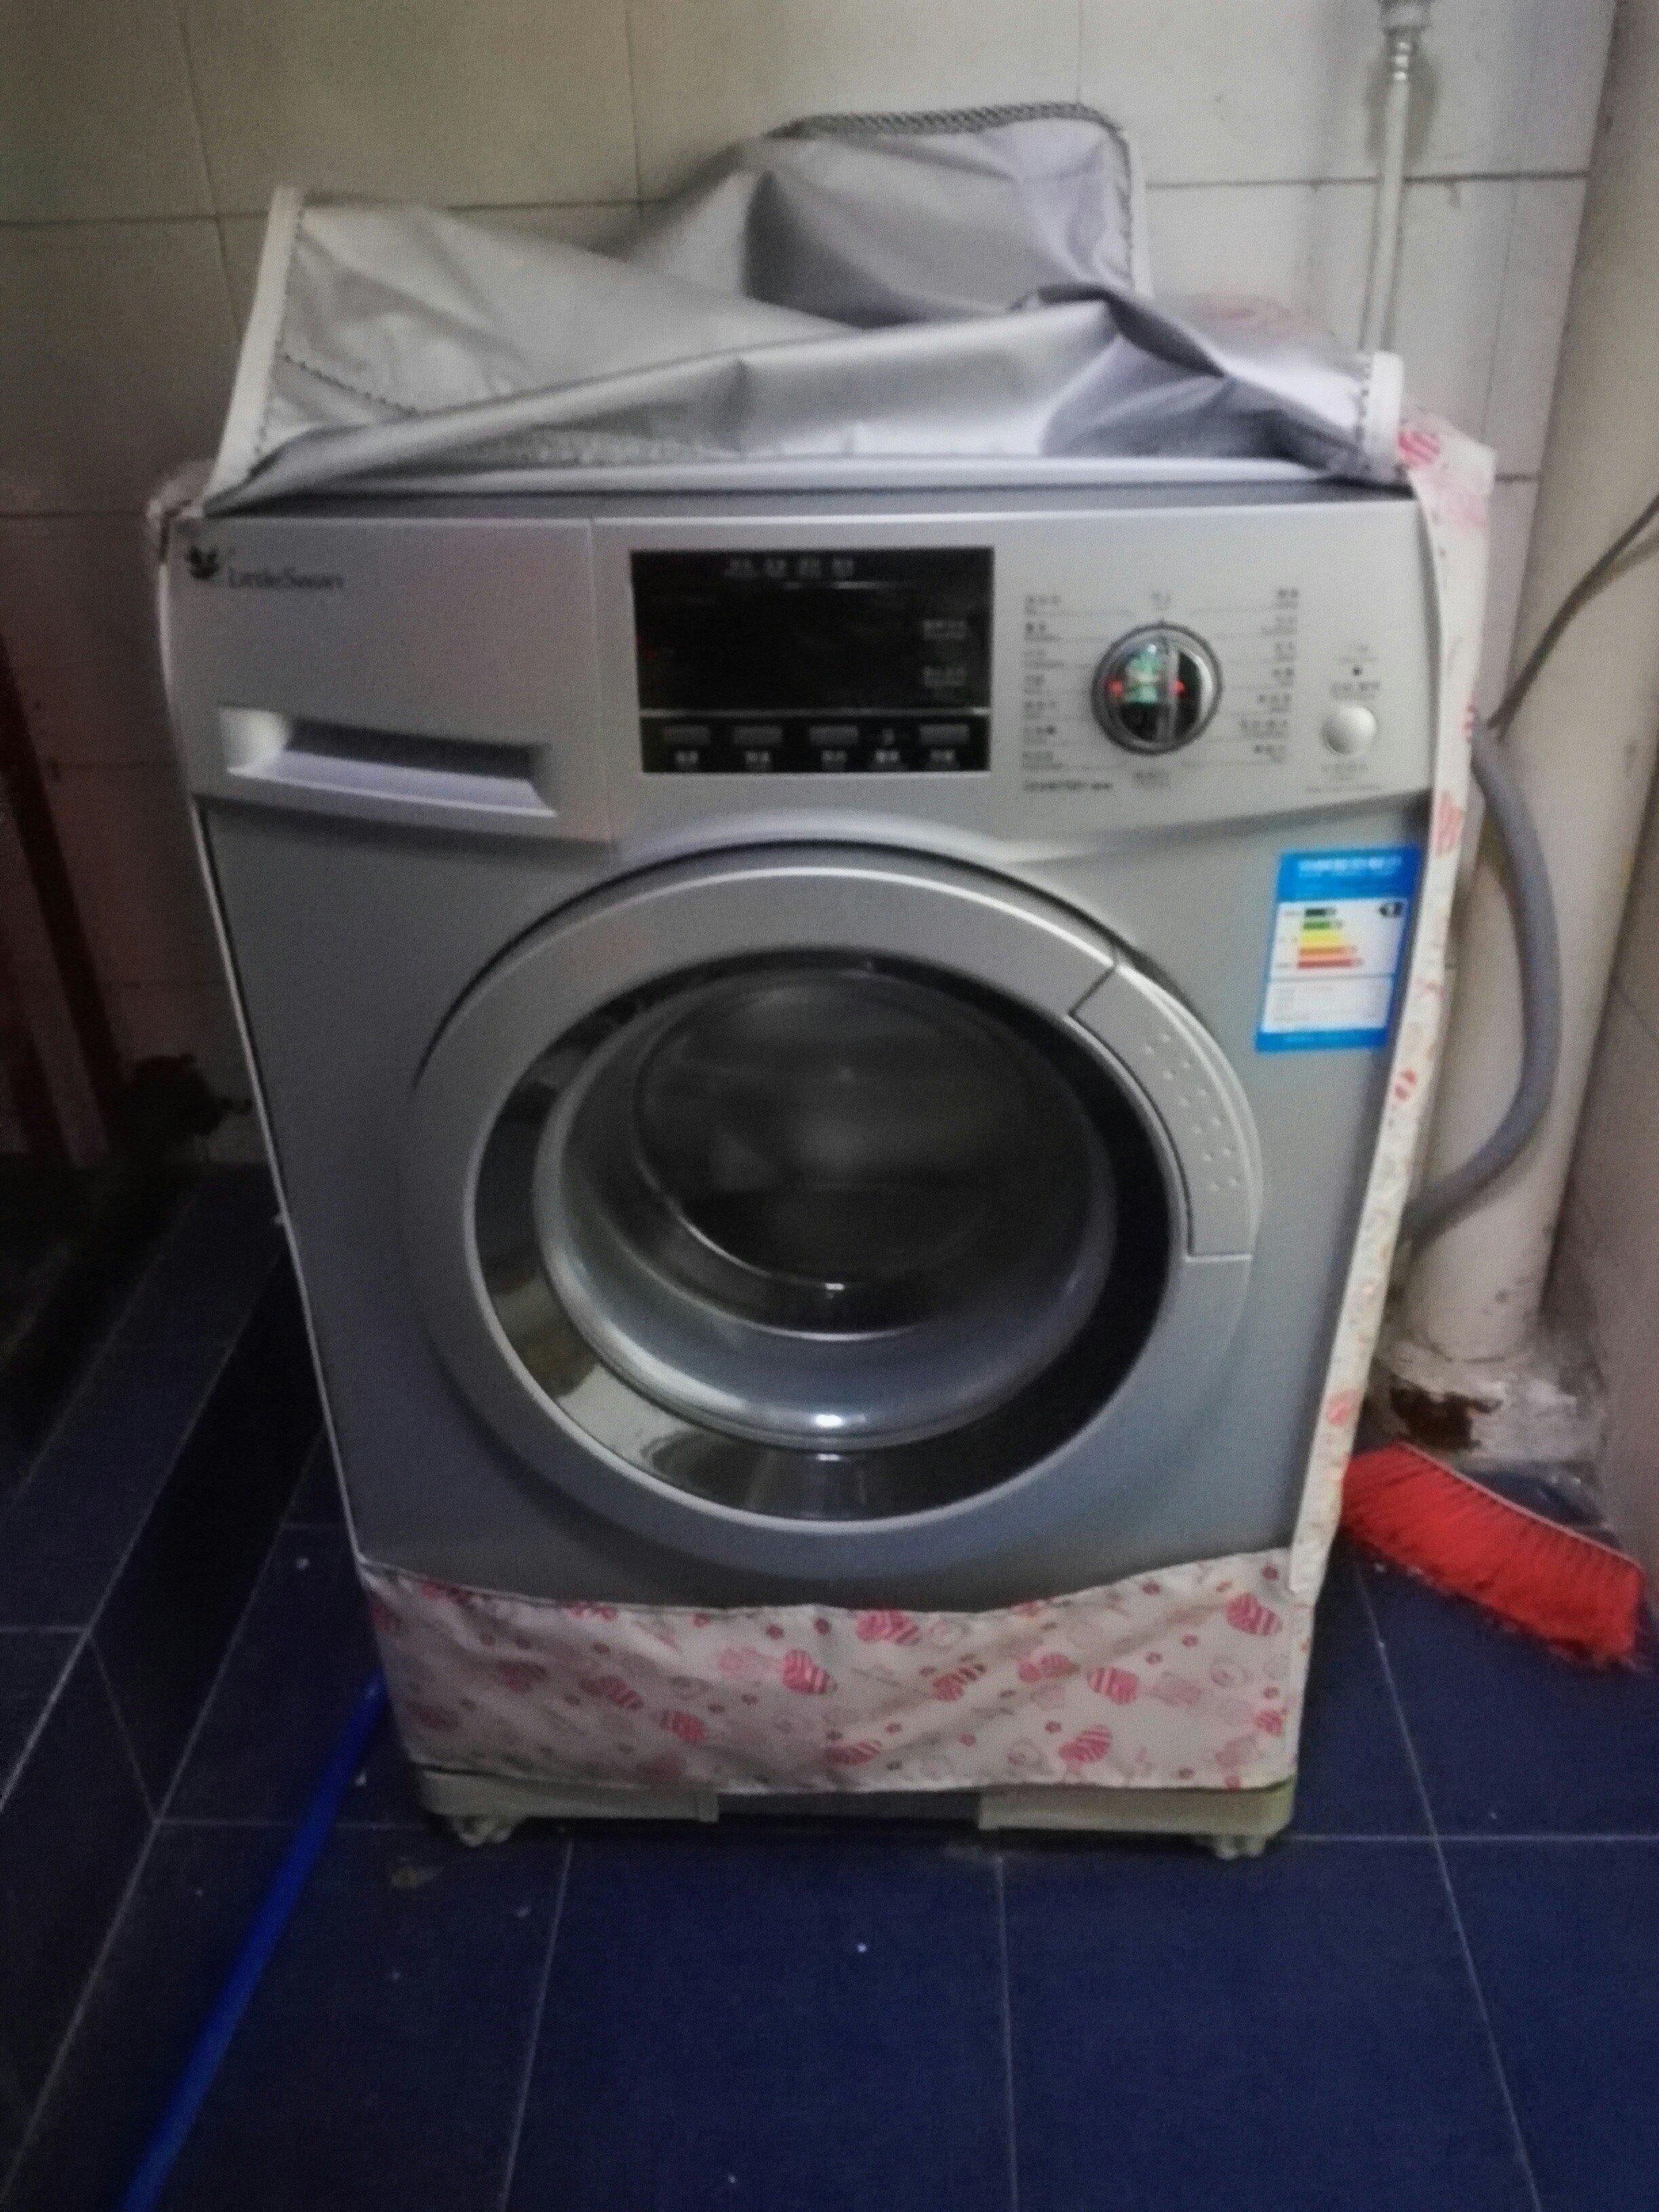 二手海尔洗衣机交易, 广州市二手-苏宁易购二手优品